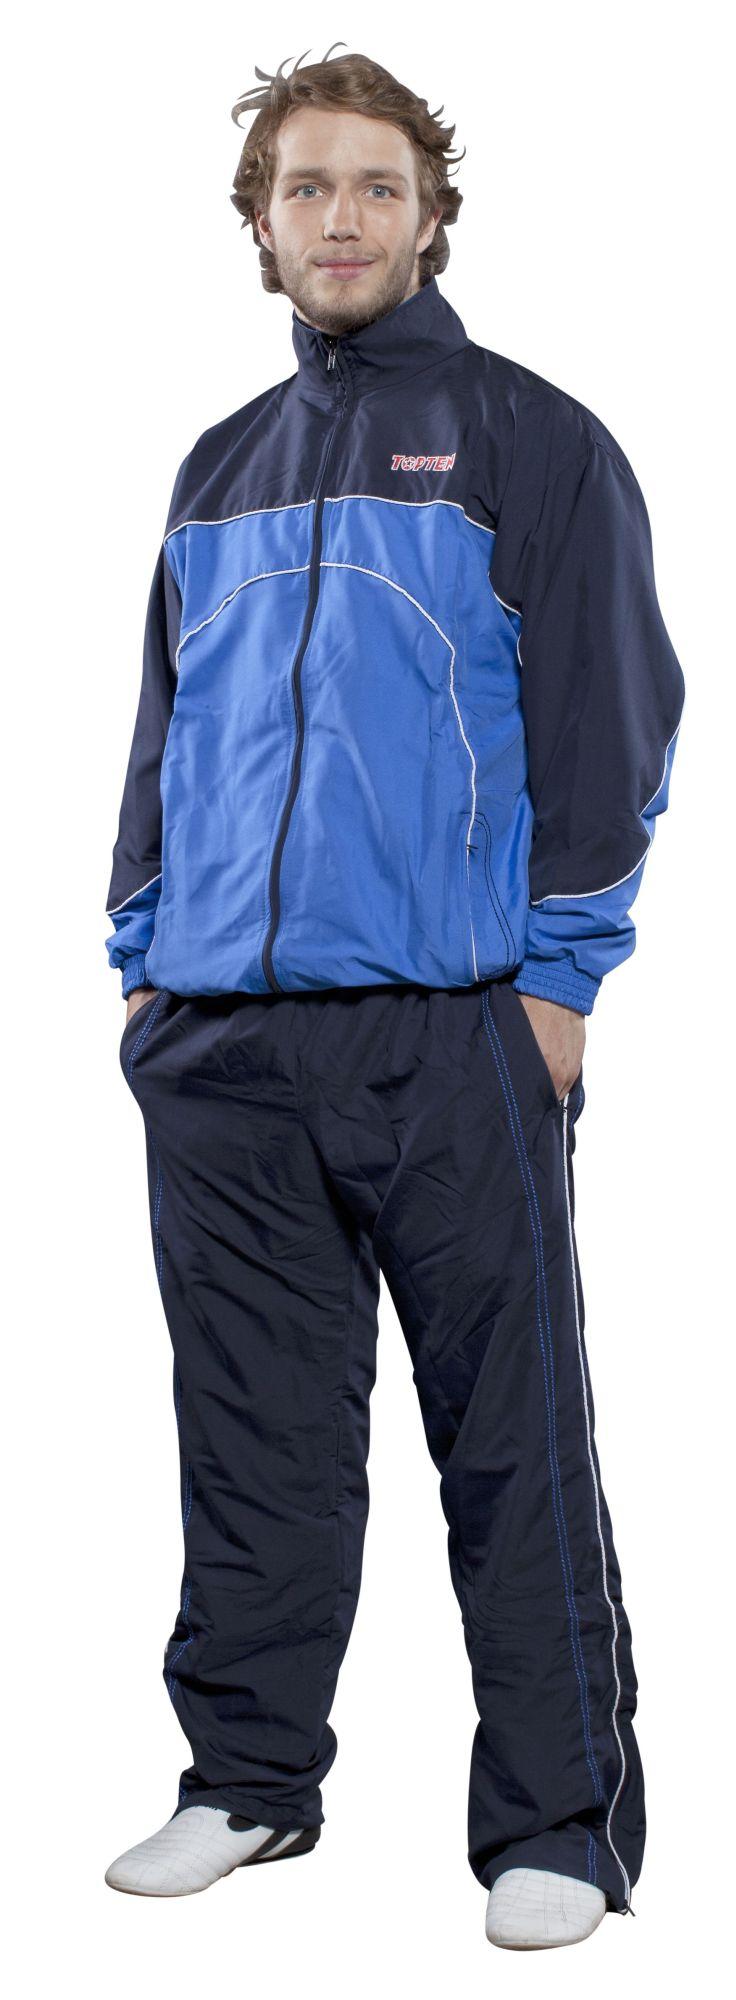 TOP TEN Trainingspak voor kinderen Donker blauw - Blauw